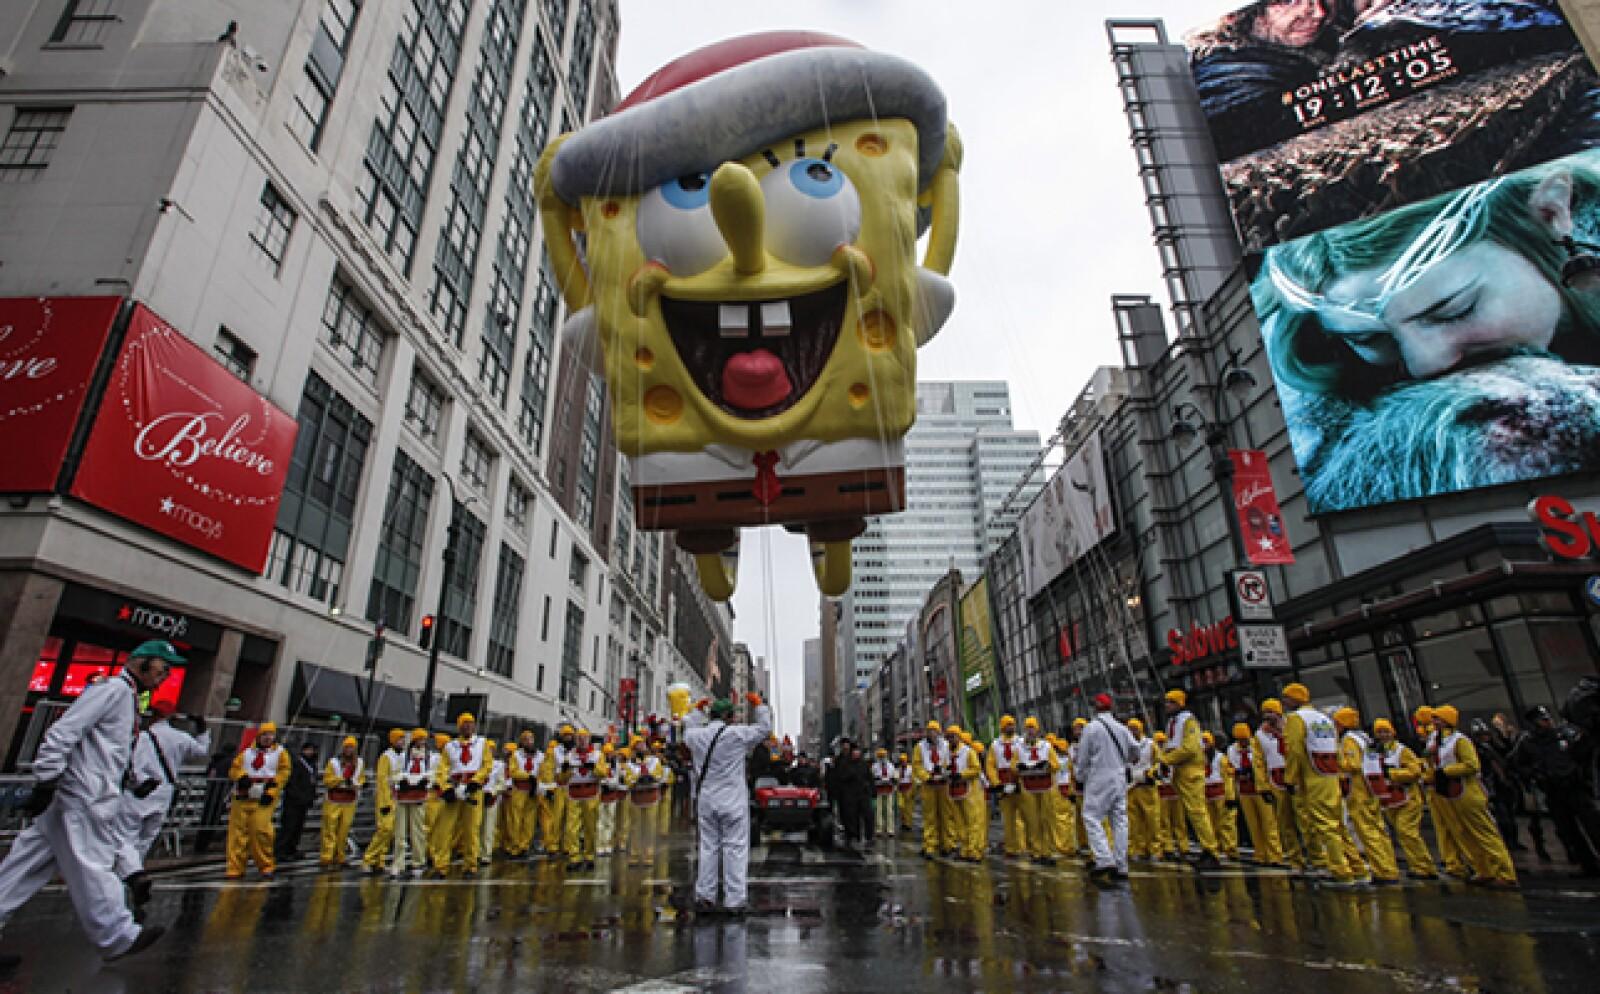 Bob Esponja, El Hombre Araña y Snoopy son algunos de los globos más famosos del evento.